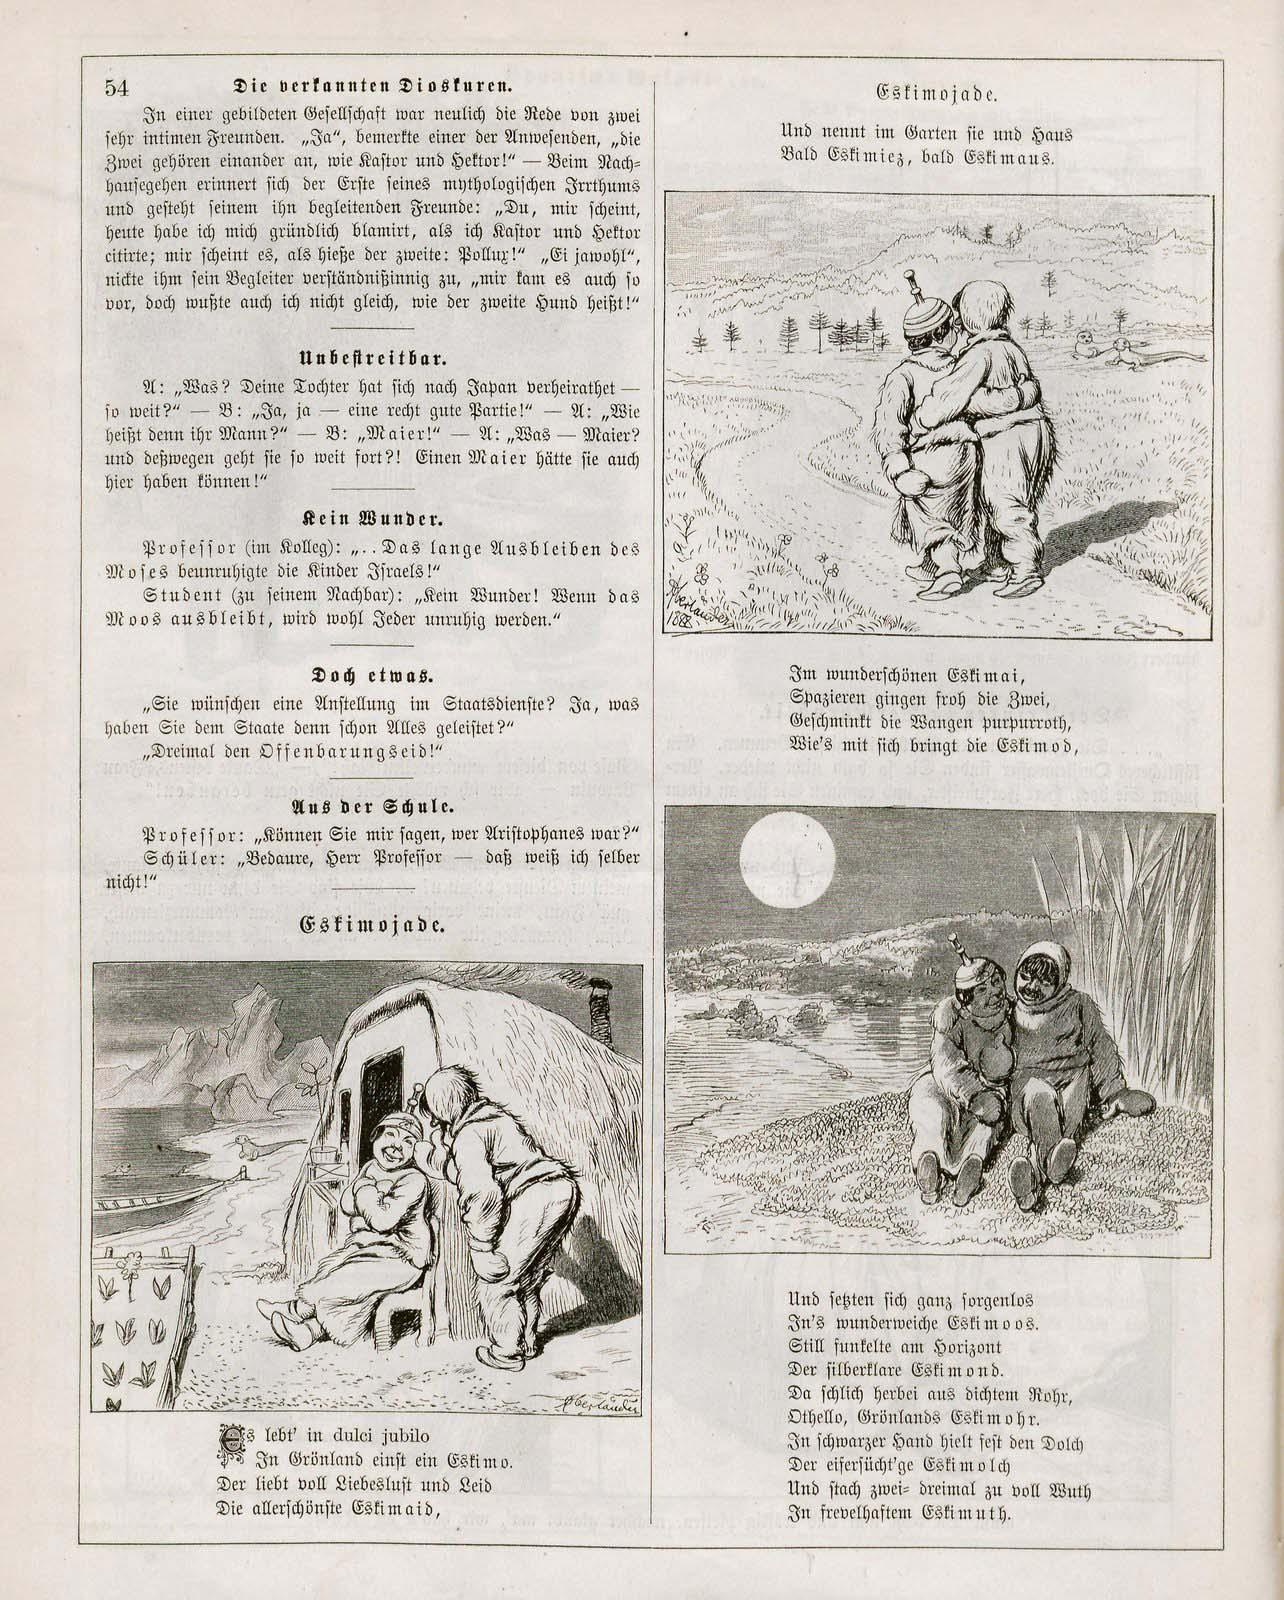 Adolf Oberländer, Eskimojade, Fliegende Blätter 1889, 1